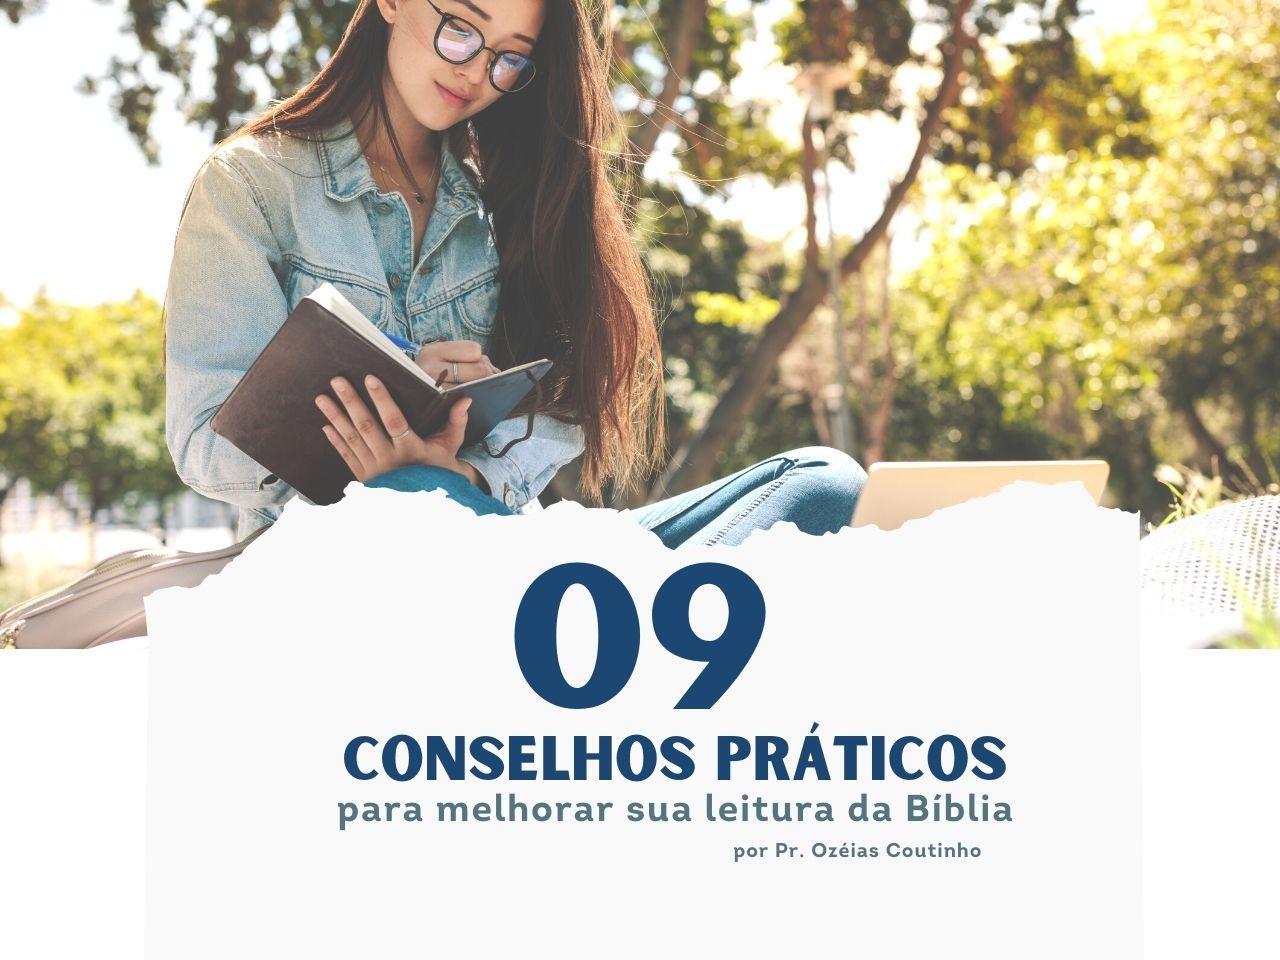 09 Conselhos Práticos para sua leitura Bíblica!